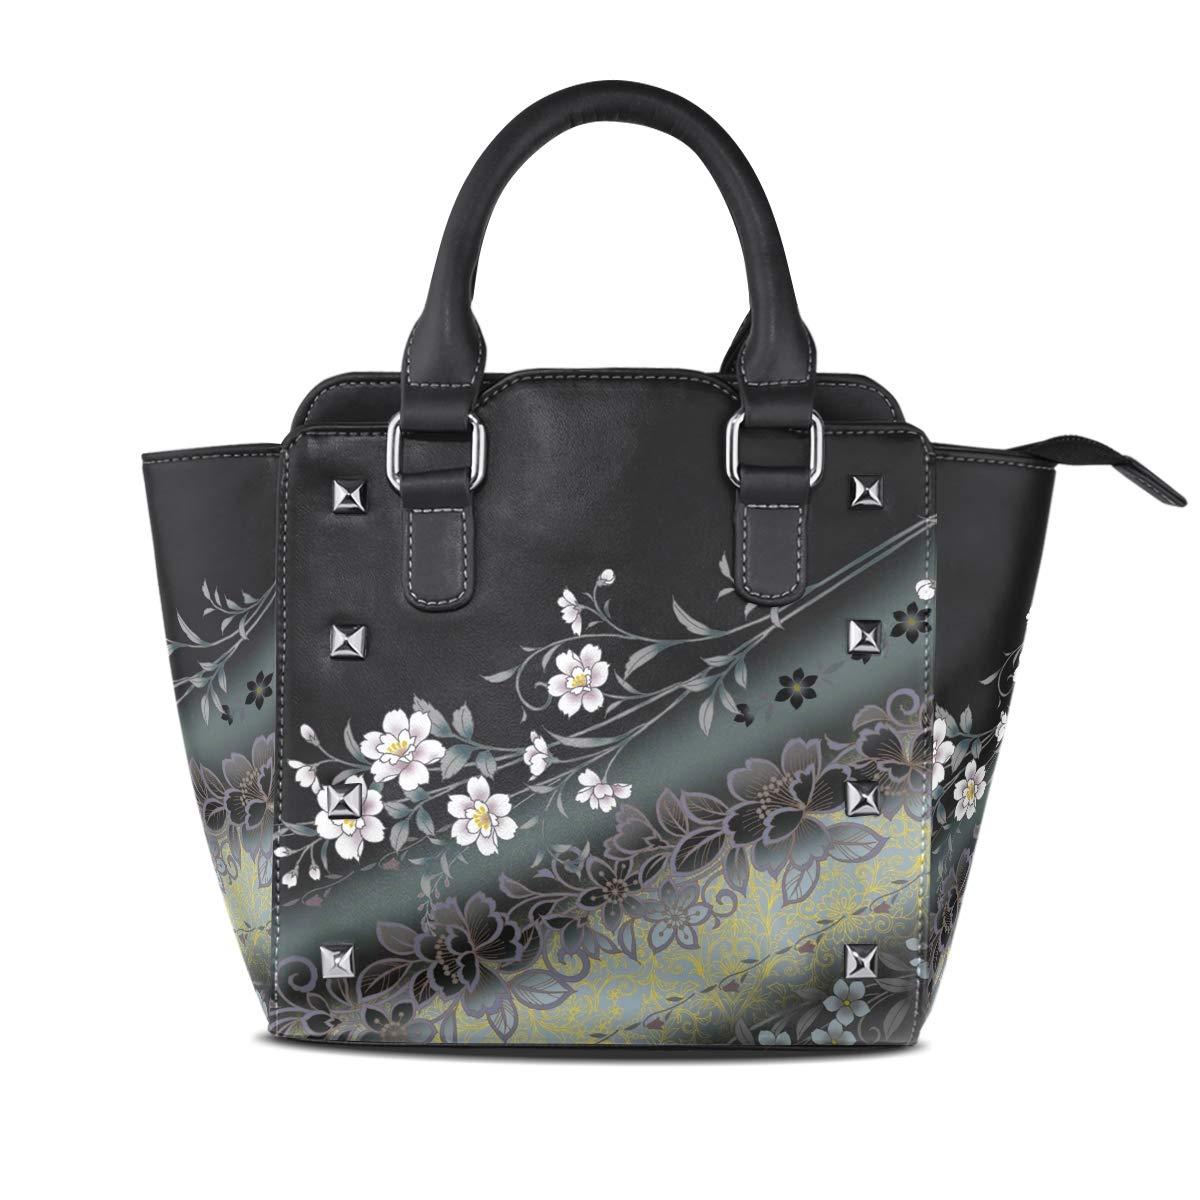 Design3 Handbag colorful Dream Catcher Genuine Leather Tote Rivet Bag Shoulder Strap Top Handle Women